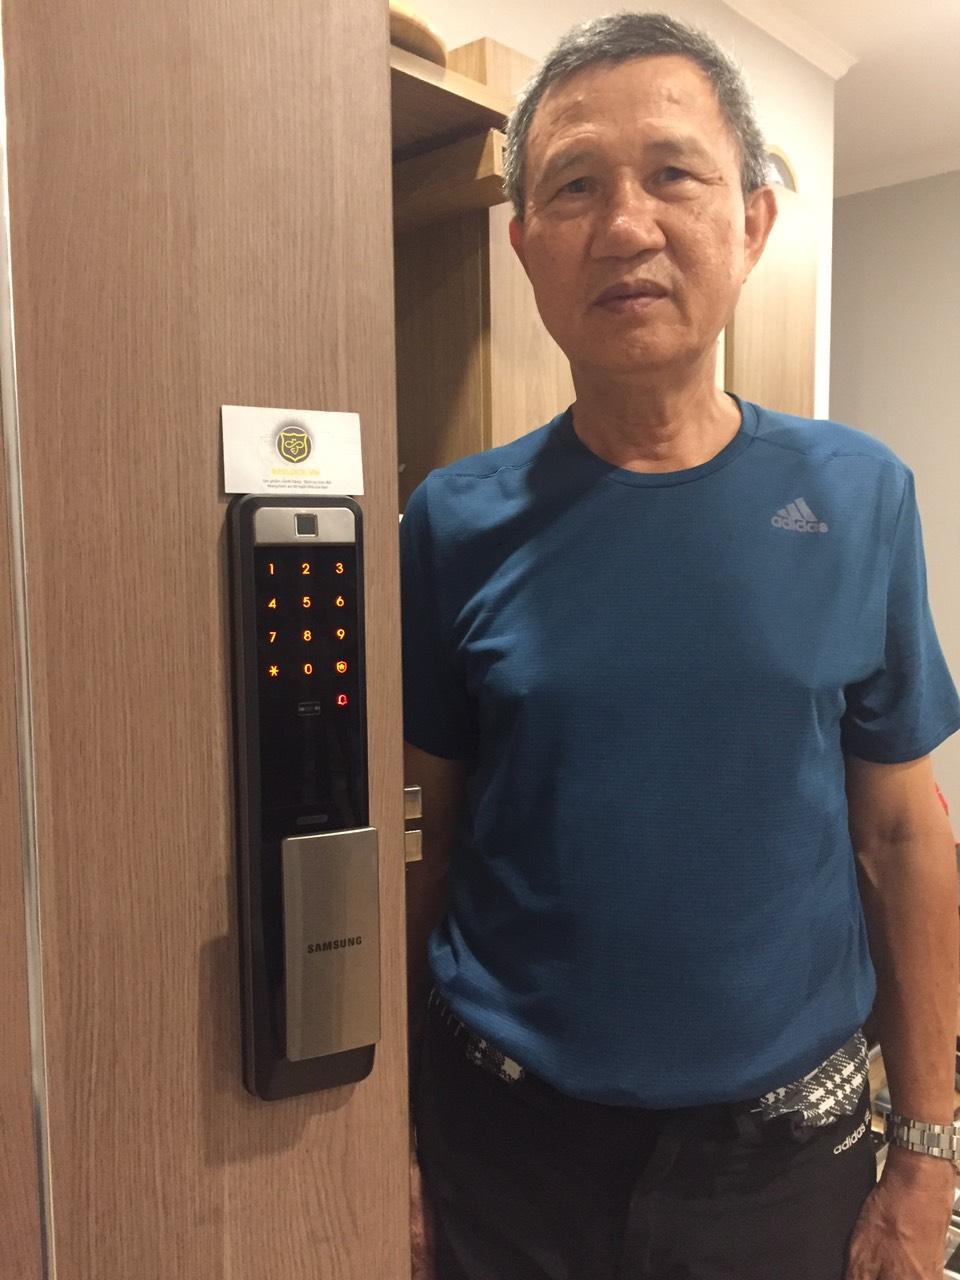 khóa cửa vân tay samsung-Dp609